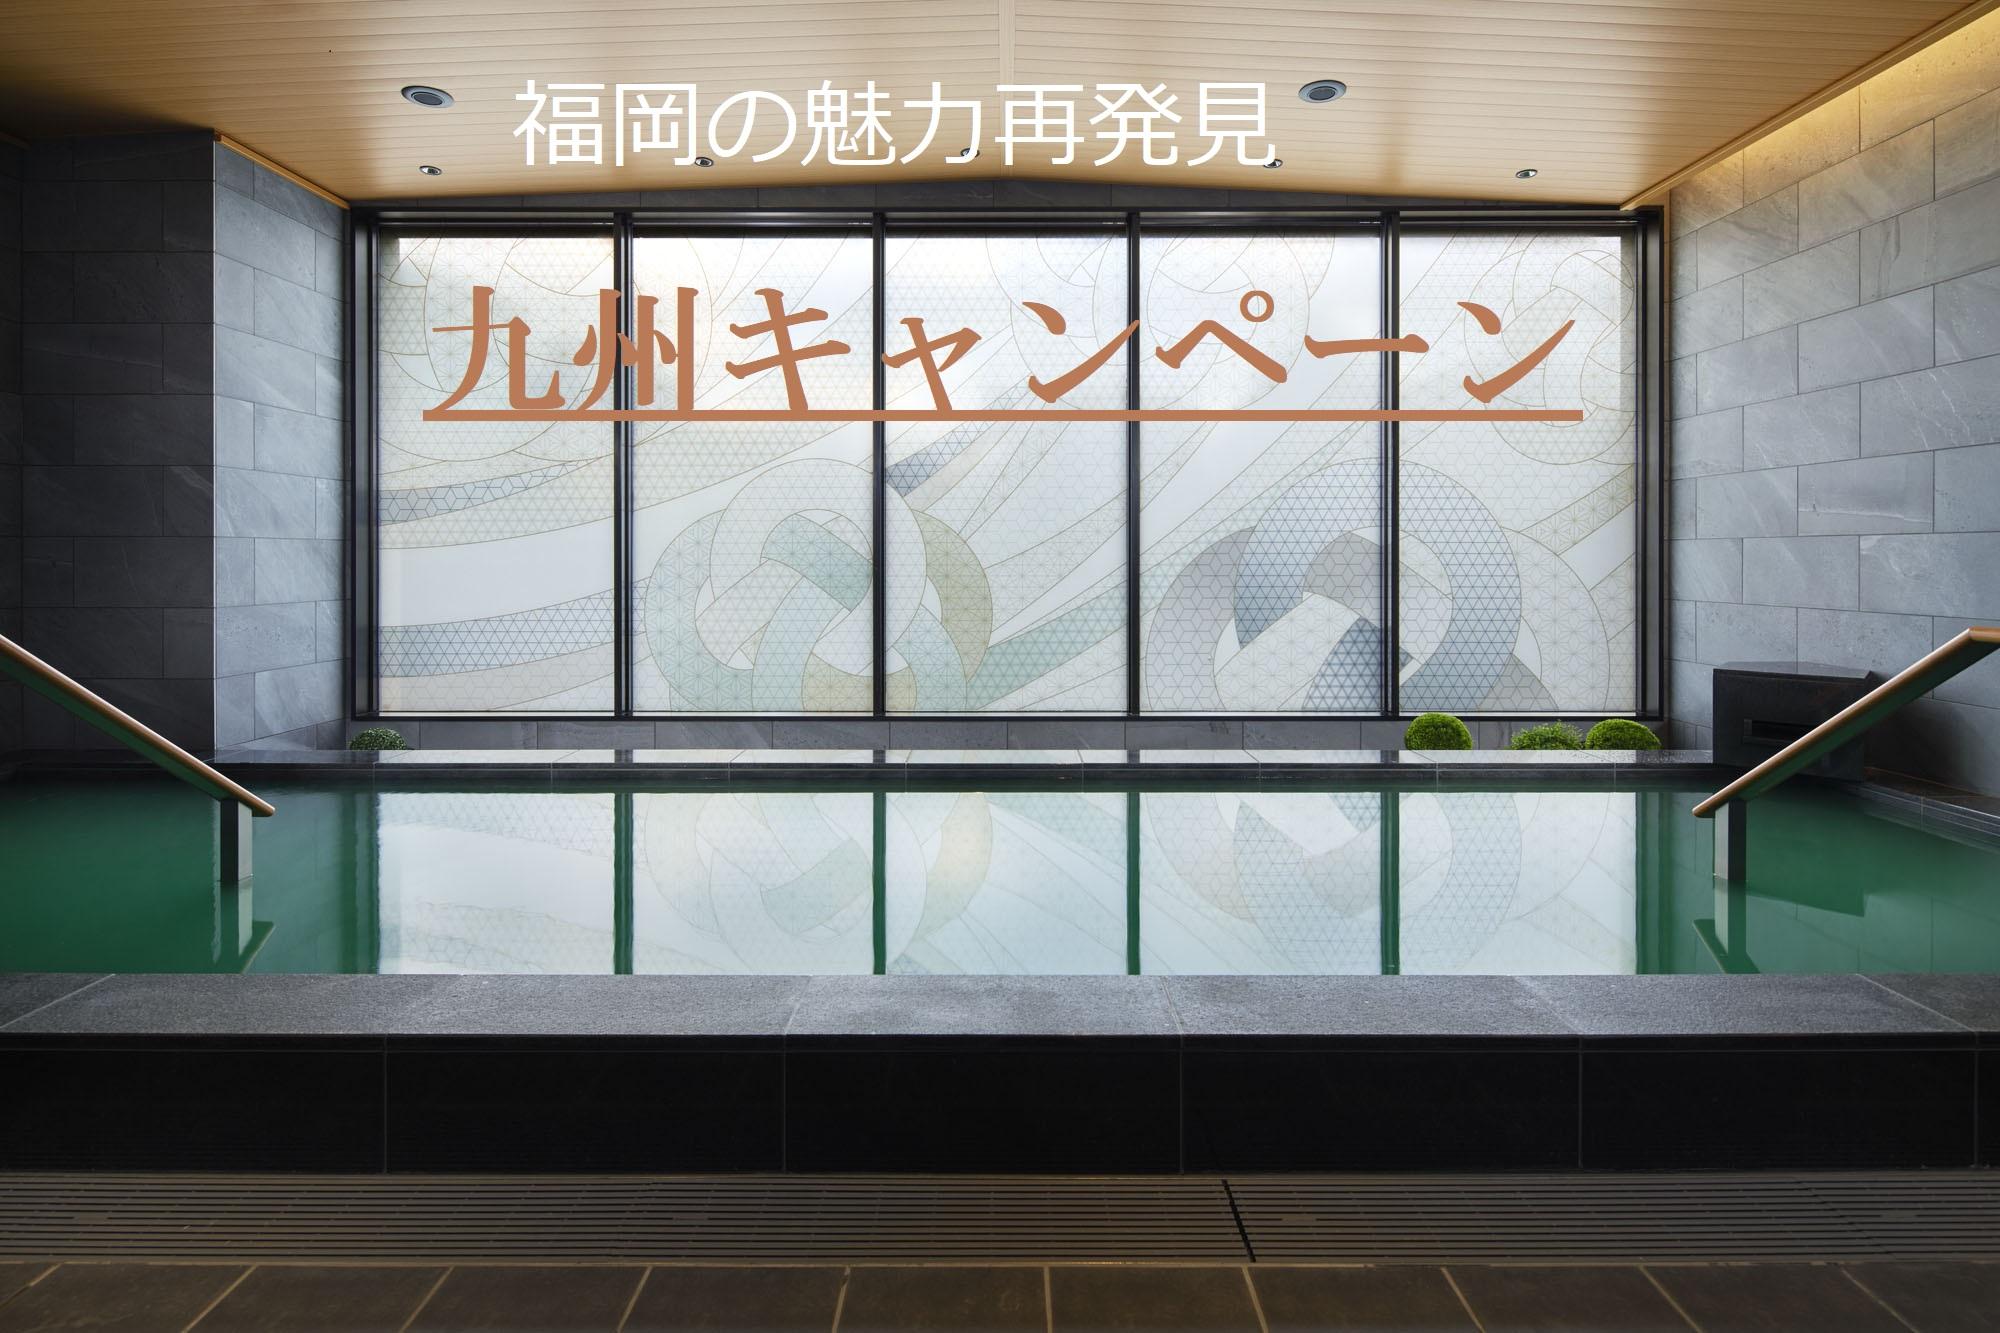 「福岡の魅力再発見キャンペーン」の宿泊券をご利用いただけます。